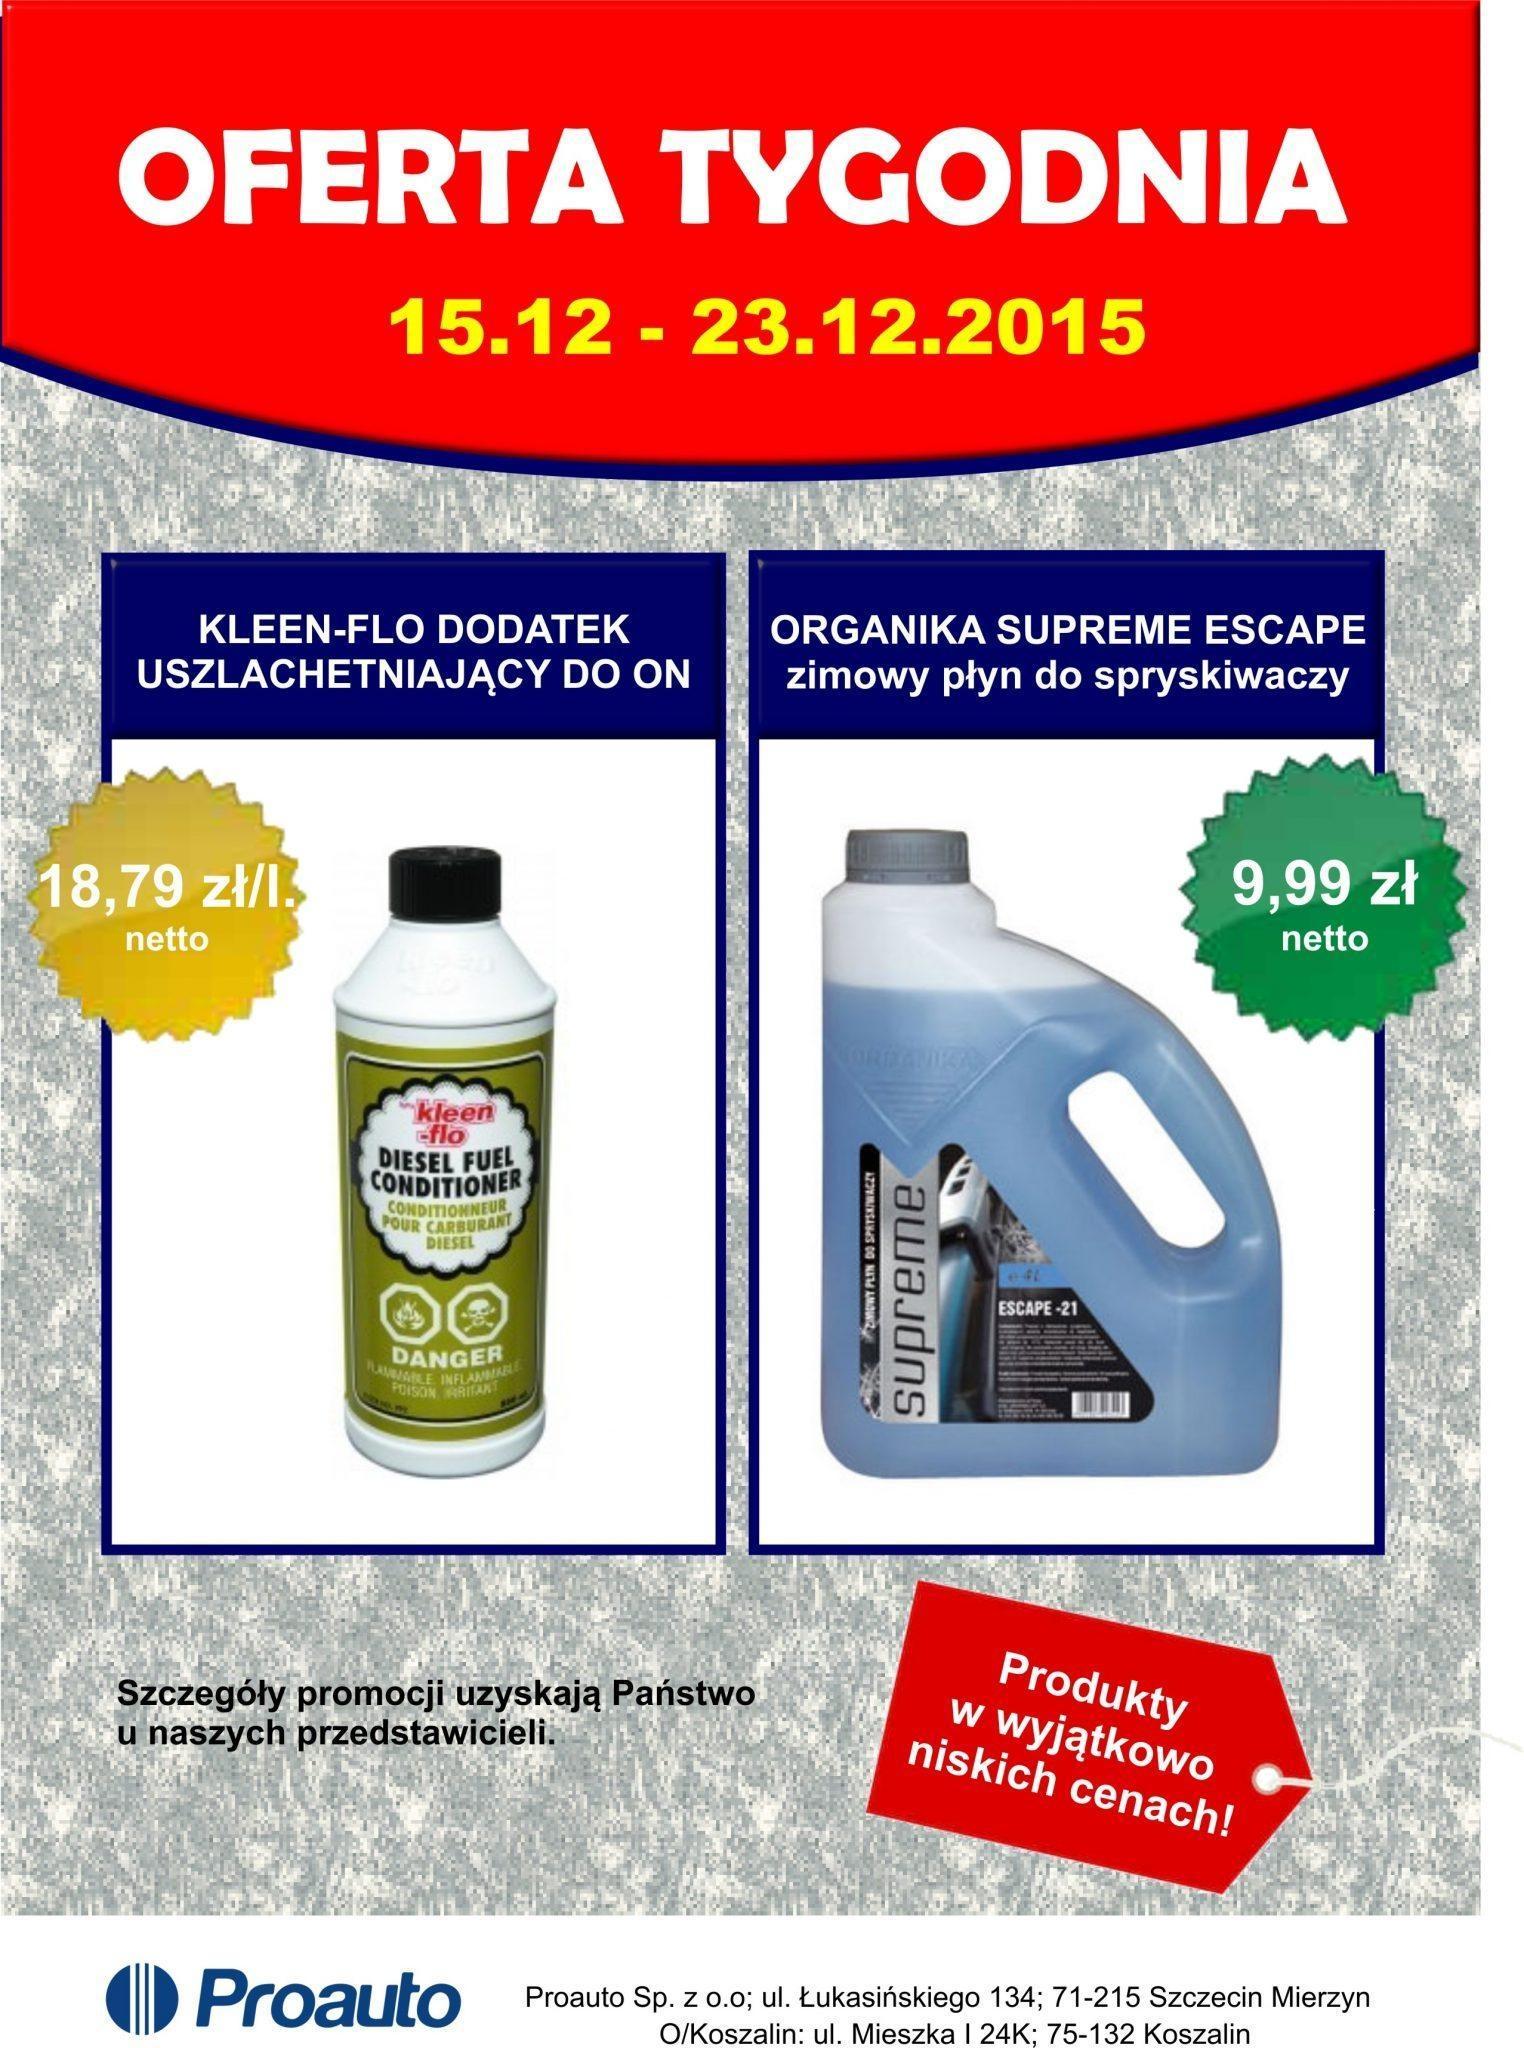 promocja tygodnia 02 07 listopada 2015 1 - OFERTA TYGODNIA